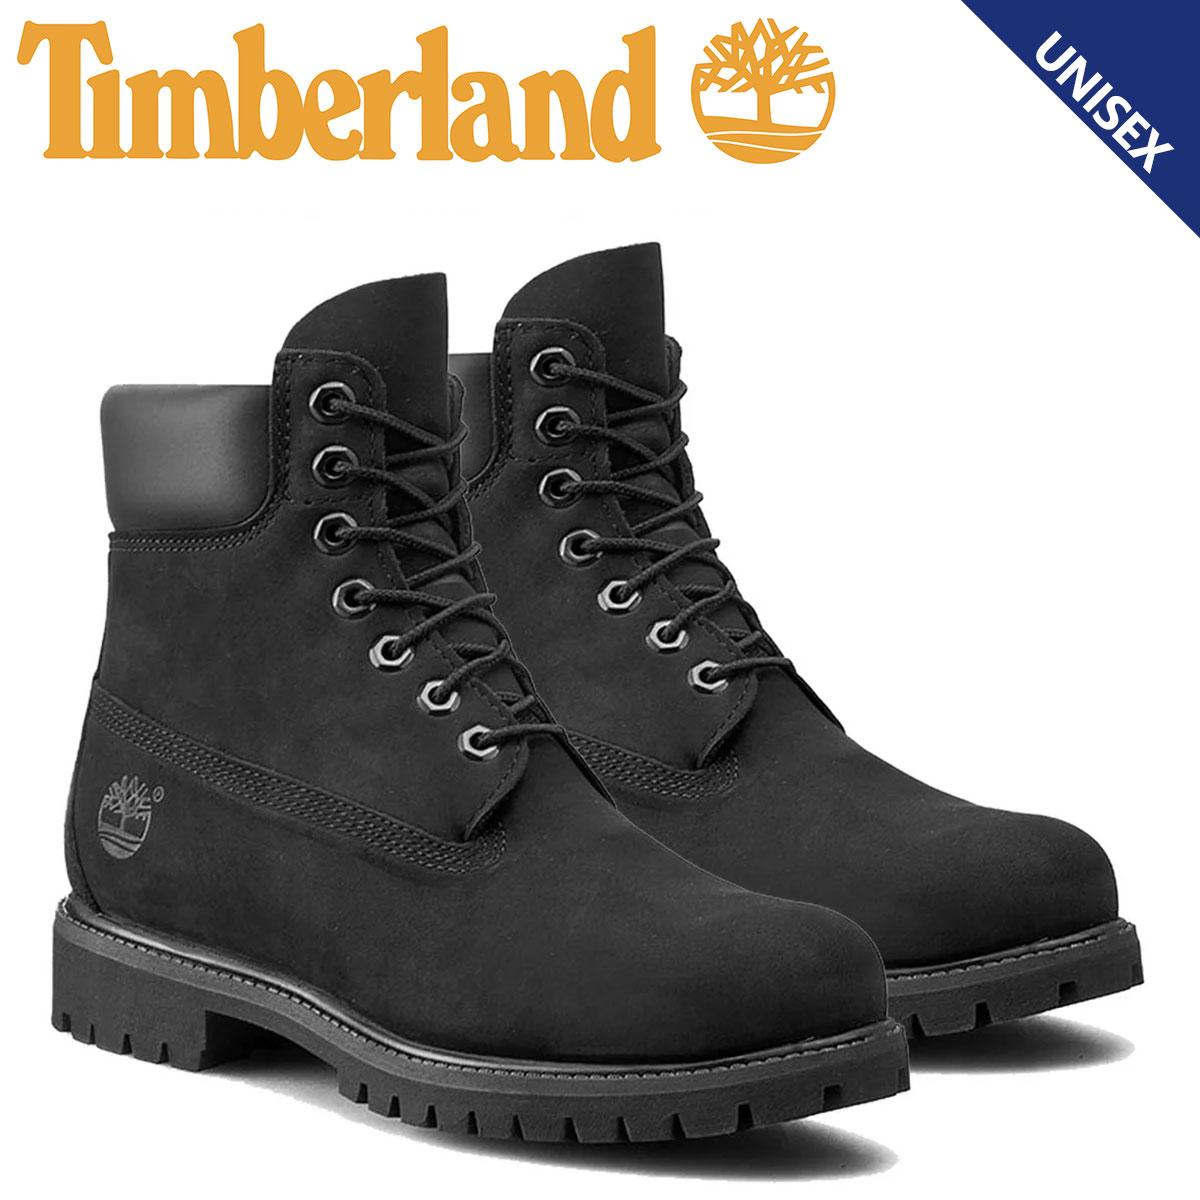 Timberland ブーツ メンズ レディース 6インチ ティンバーランド 6INCH PREMIUM WATERPROOF BOOTS 10073 プレミアム ウォータープルーフ 防水